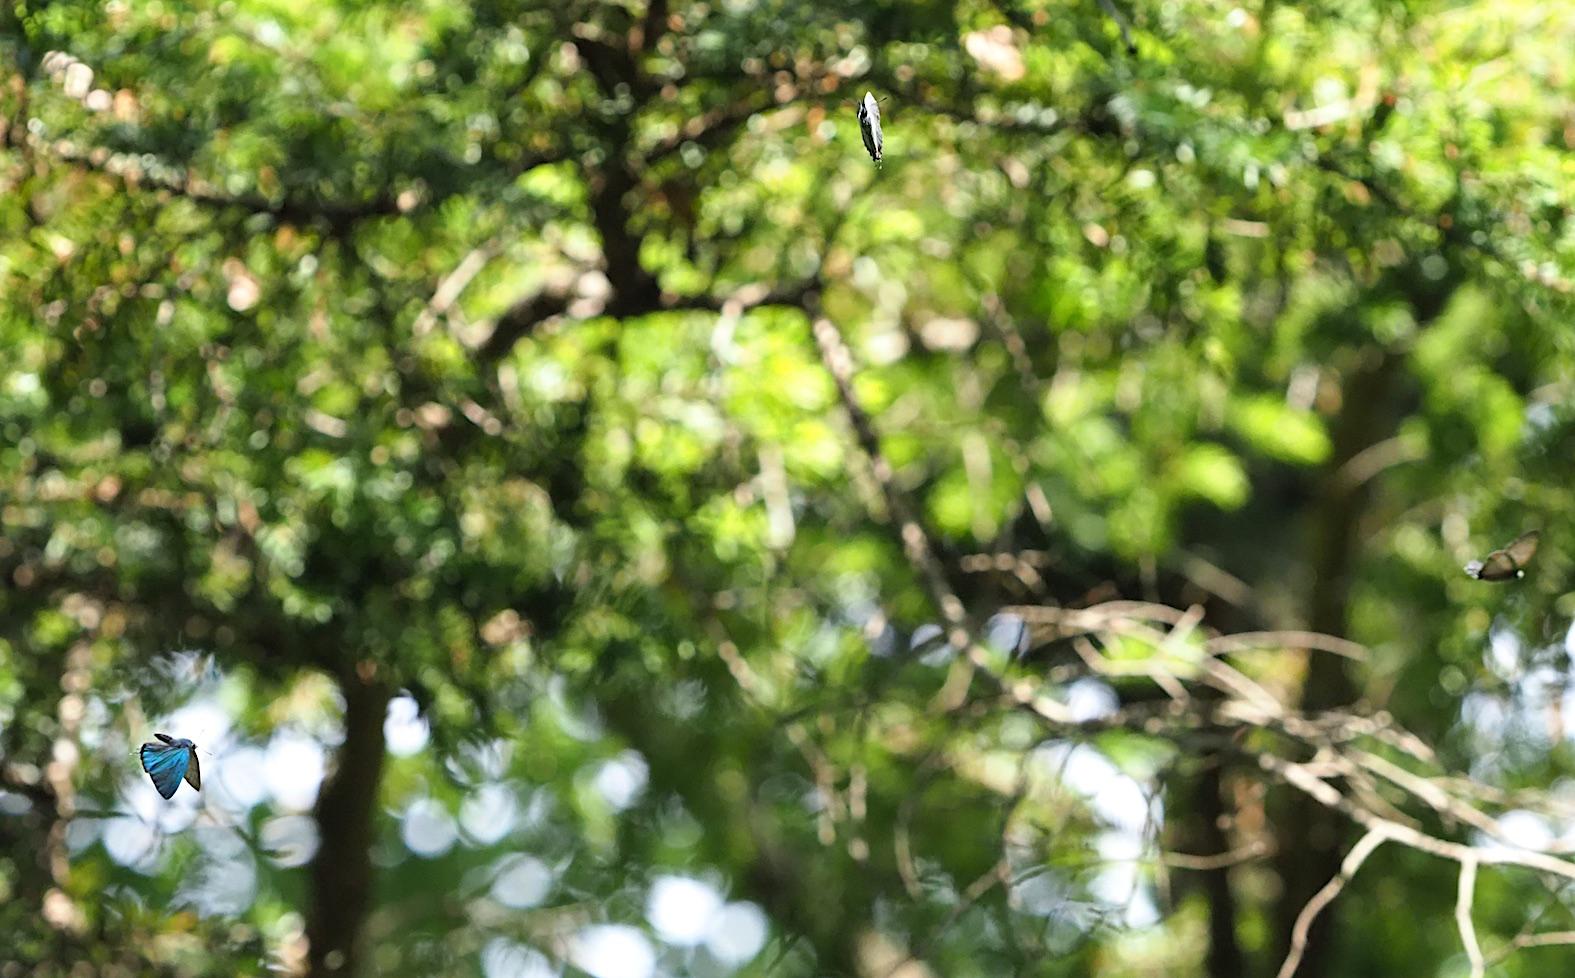 オオミドリシジミ三昧の日・その3 卍巴飛翔編(2018年6月7日)_d0303129_4283084.jpg